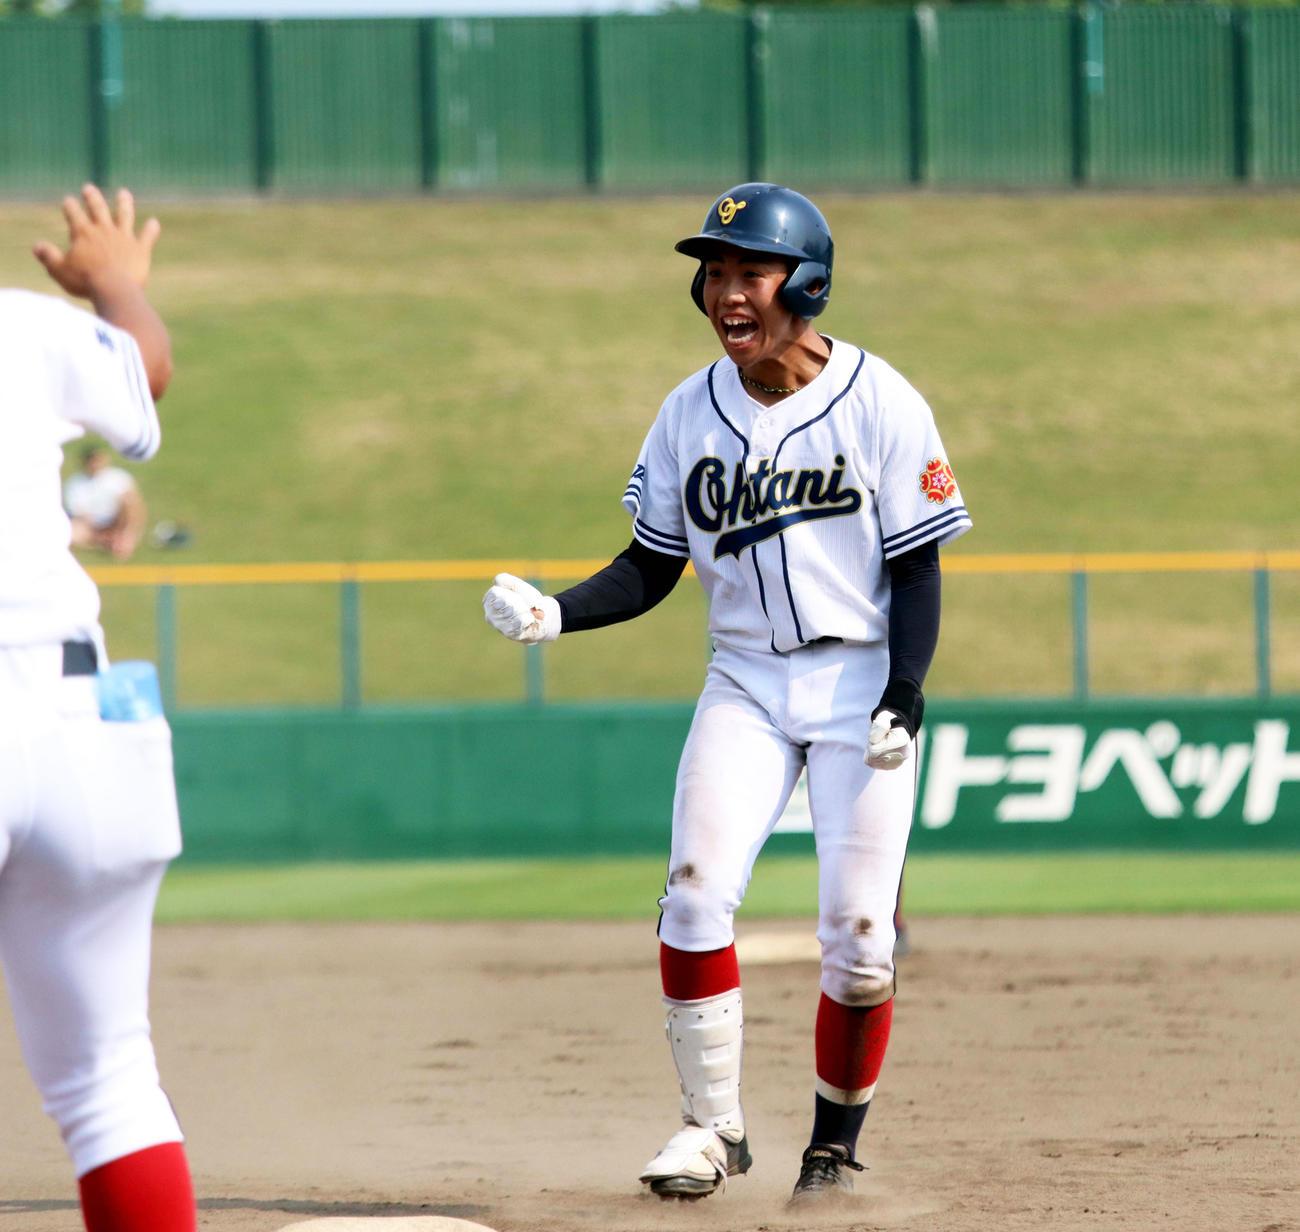 7回表帯広大谷1死一、二塁、村上が勝ち越しの中前打を放ち塁上で喜ぶ(撮影・永野高輔)